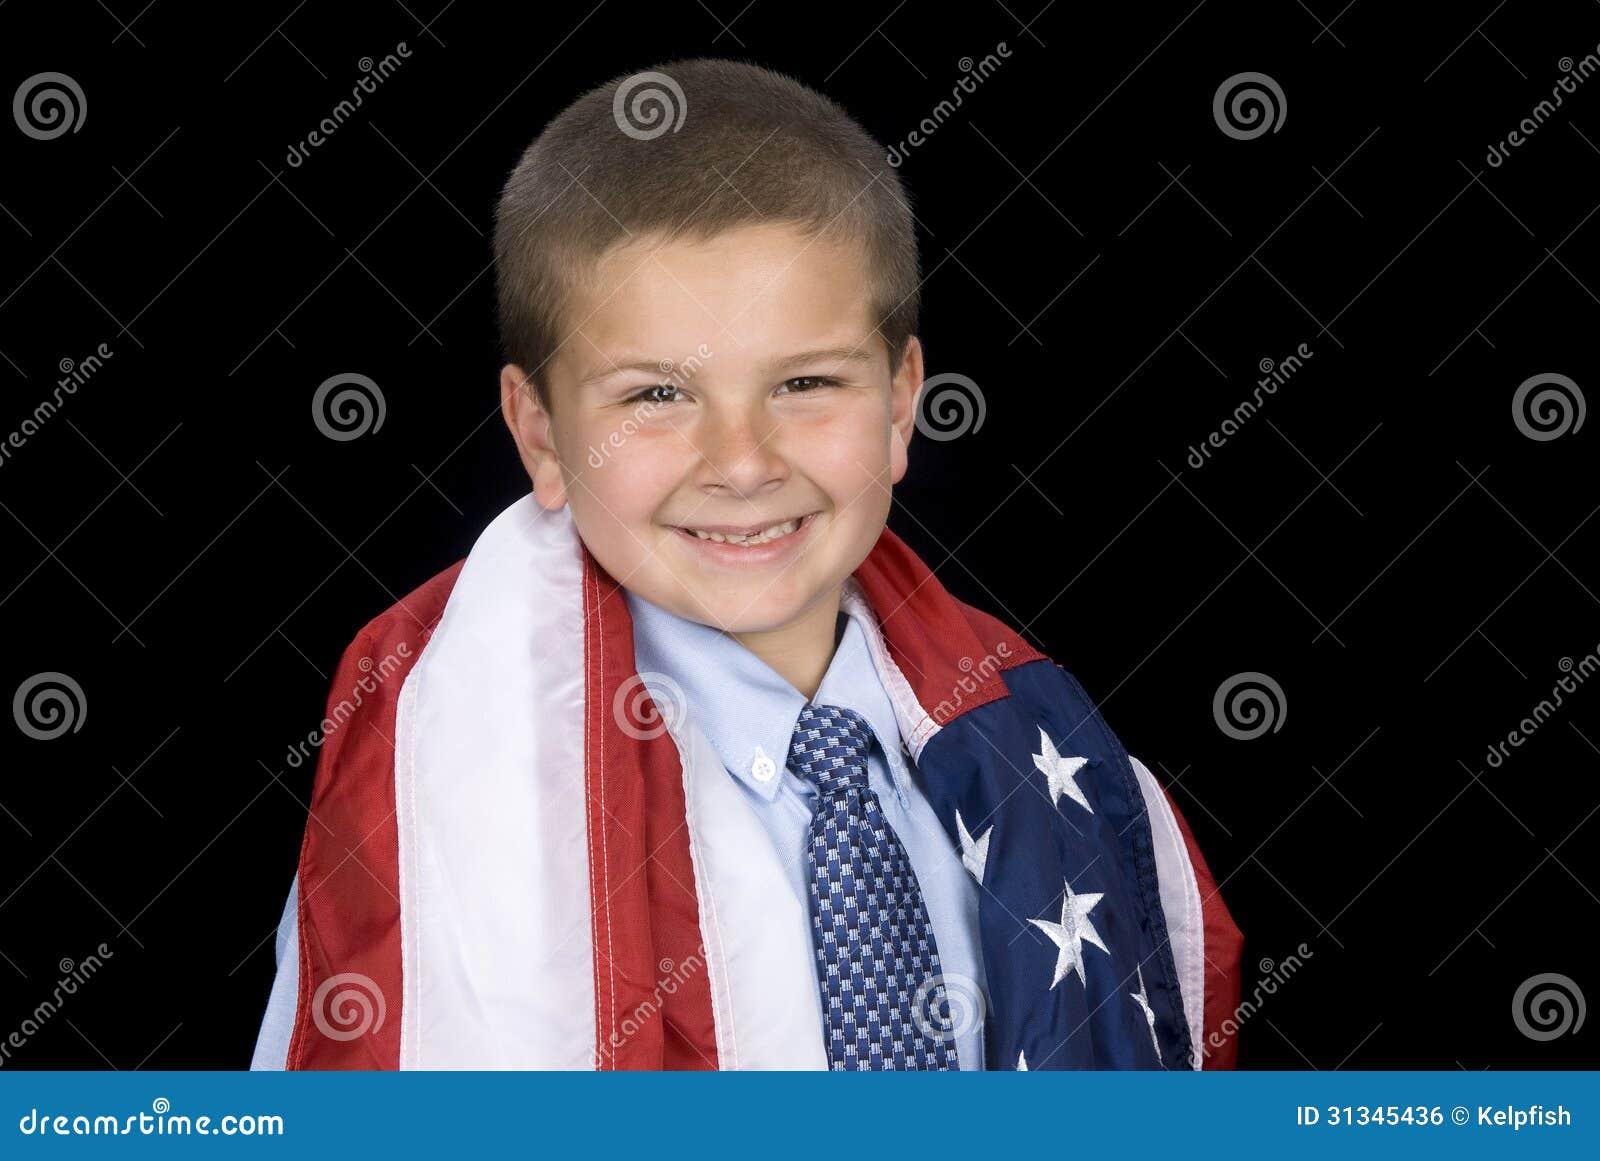 Chłopiec z flaga amerykańską wokoło ramion